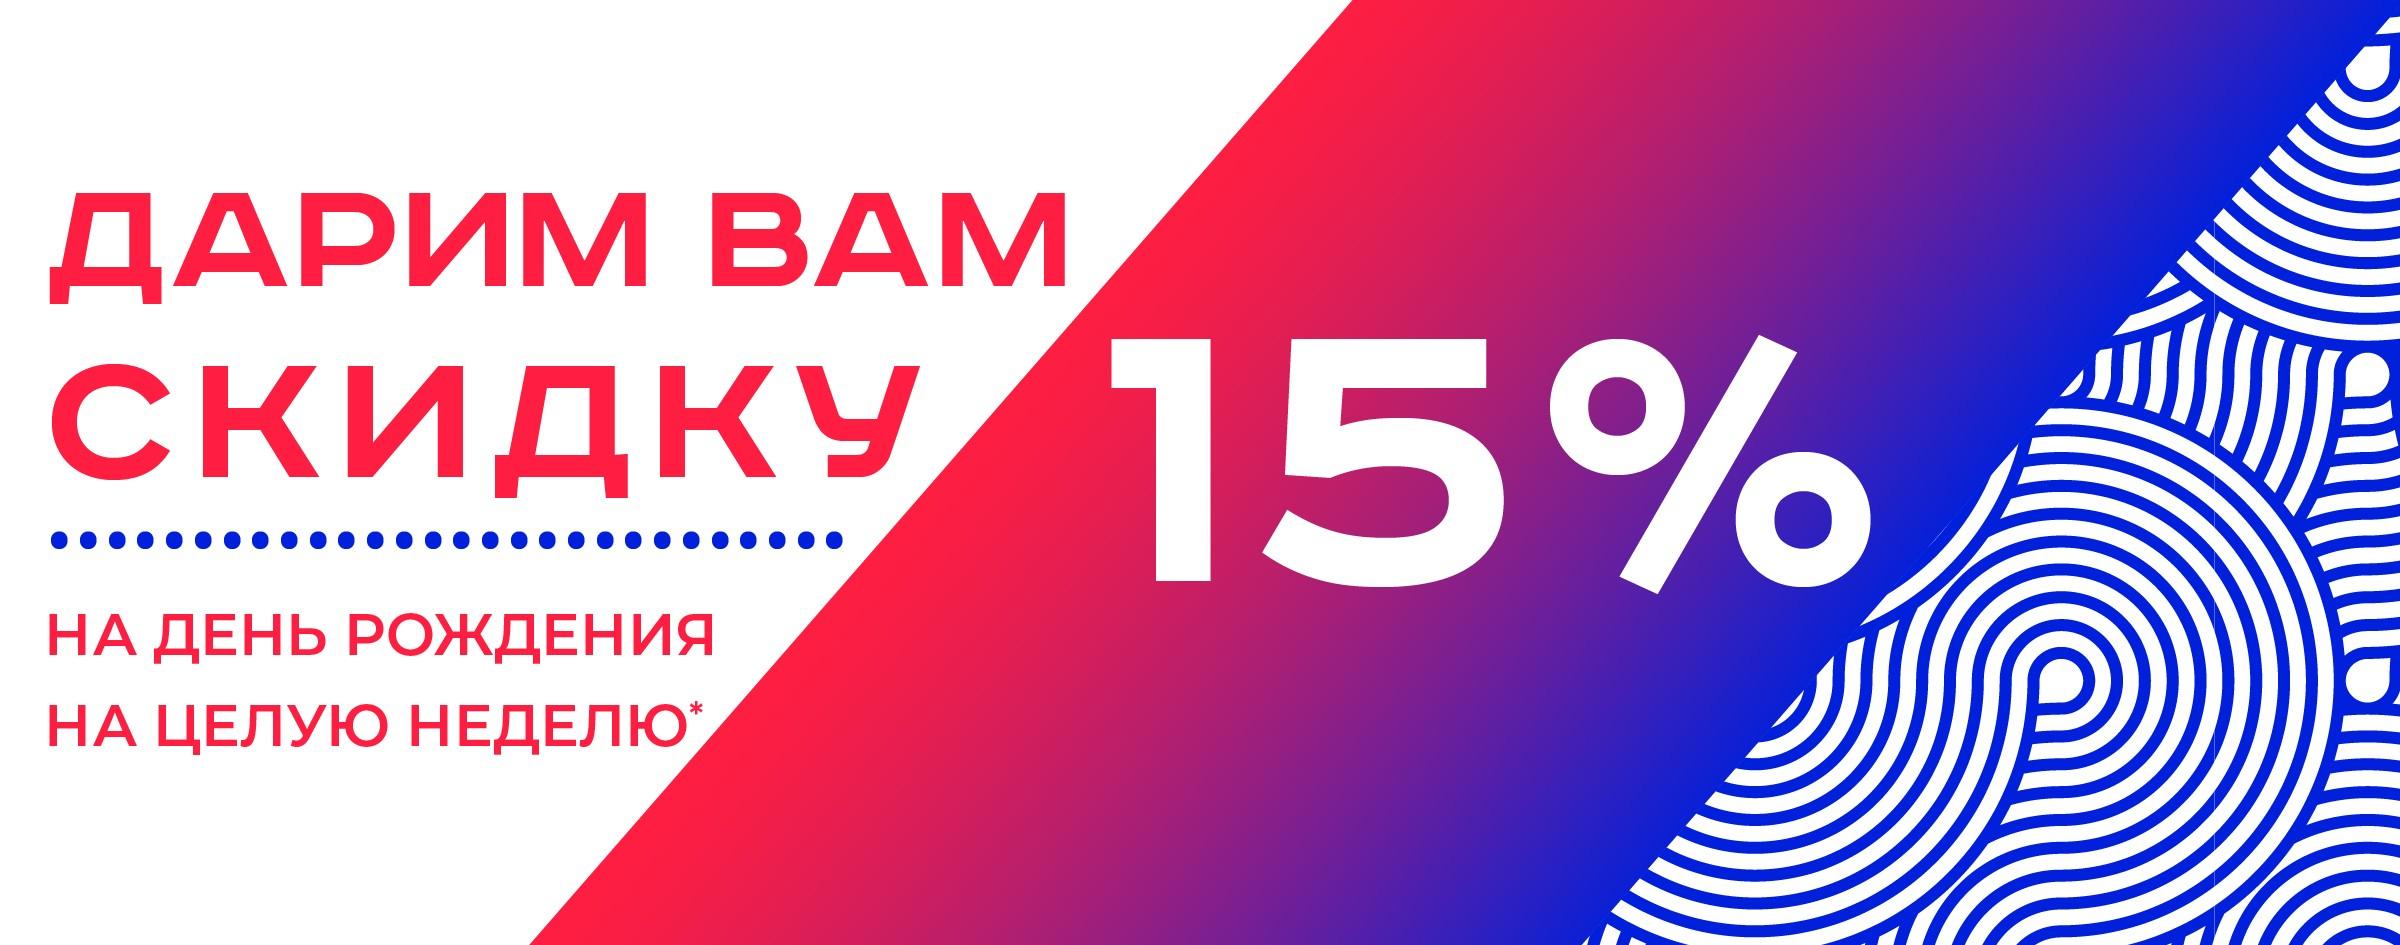 15% СКИДКА ИМЕНИННИКА ЦЕЛУЮ НЕДЕЛЮ